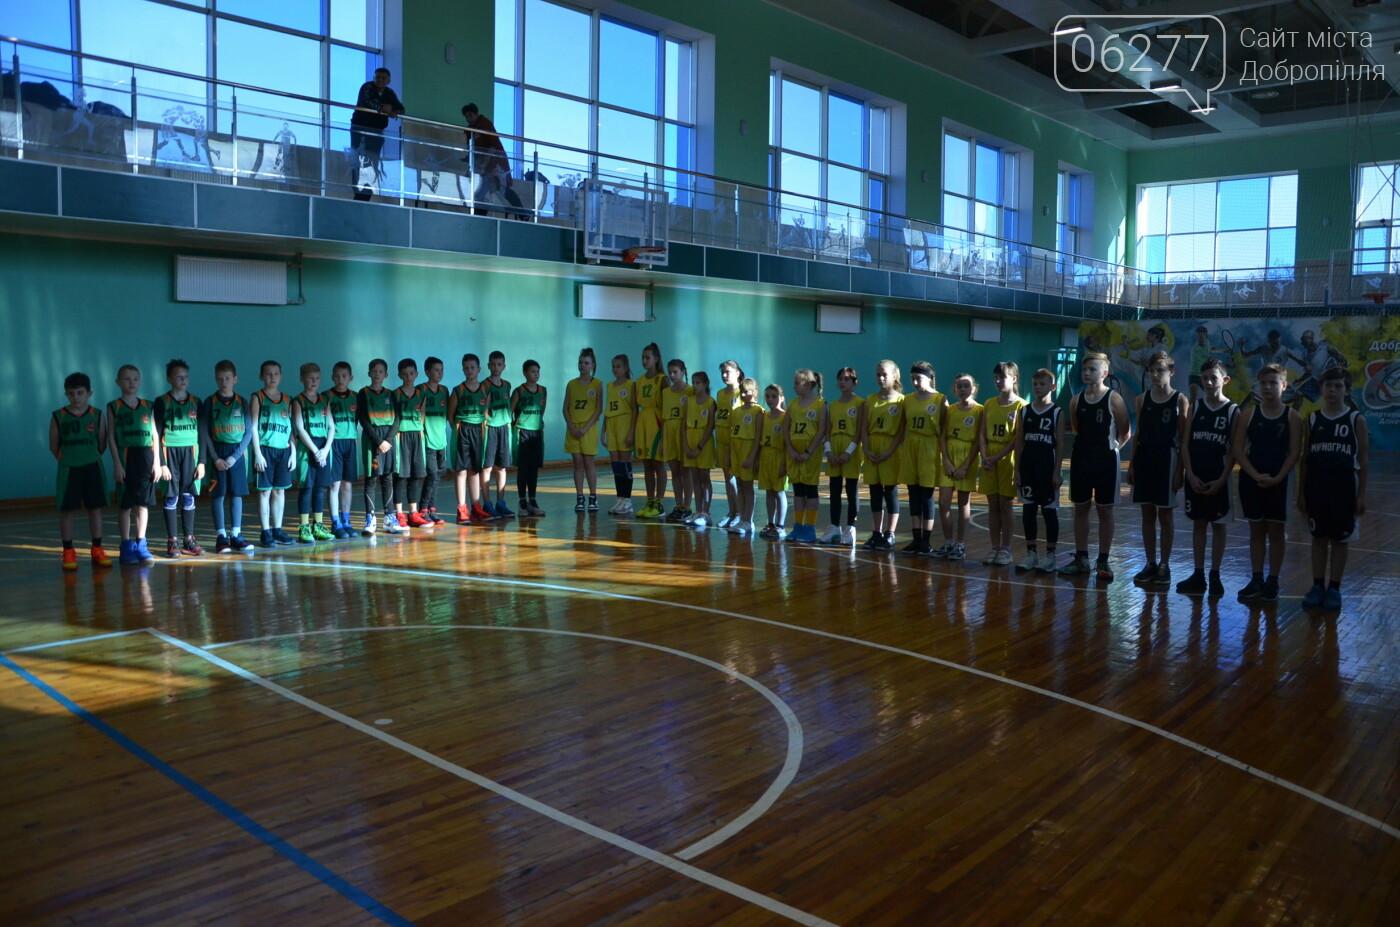 Відкрита Першість ДЮСШ з баскетболу відбулась у Добропіллі, фото-1